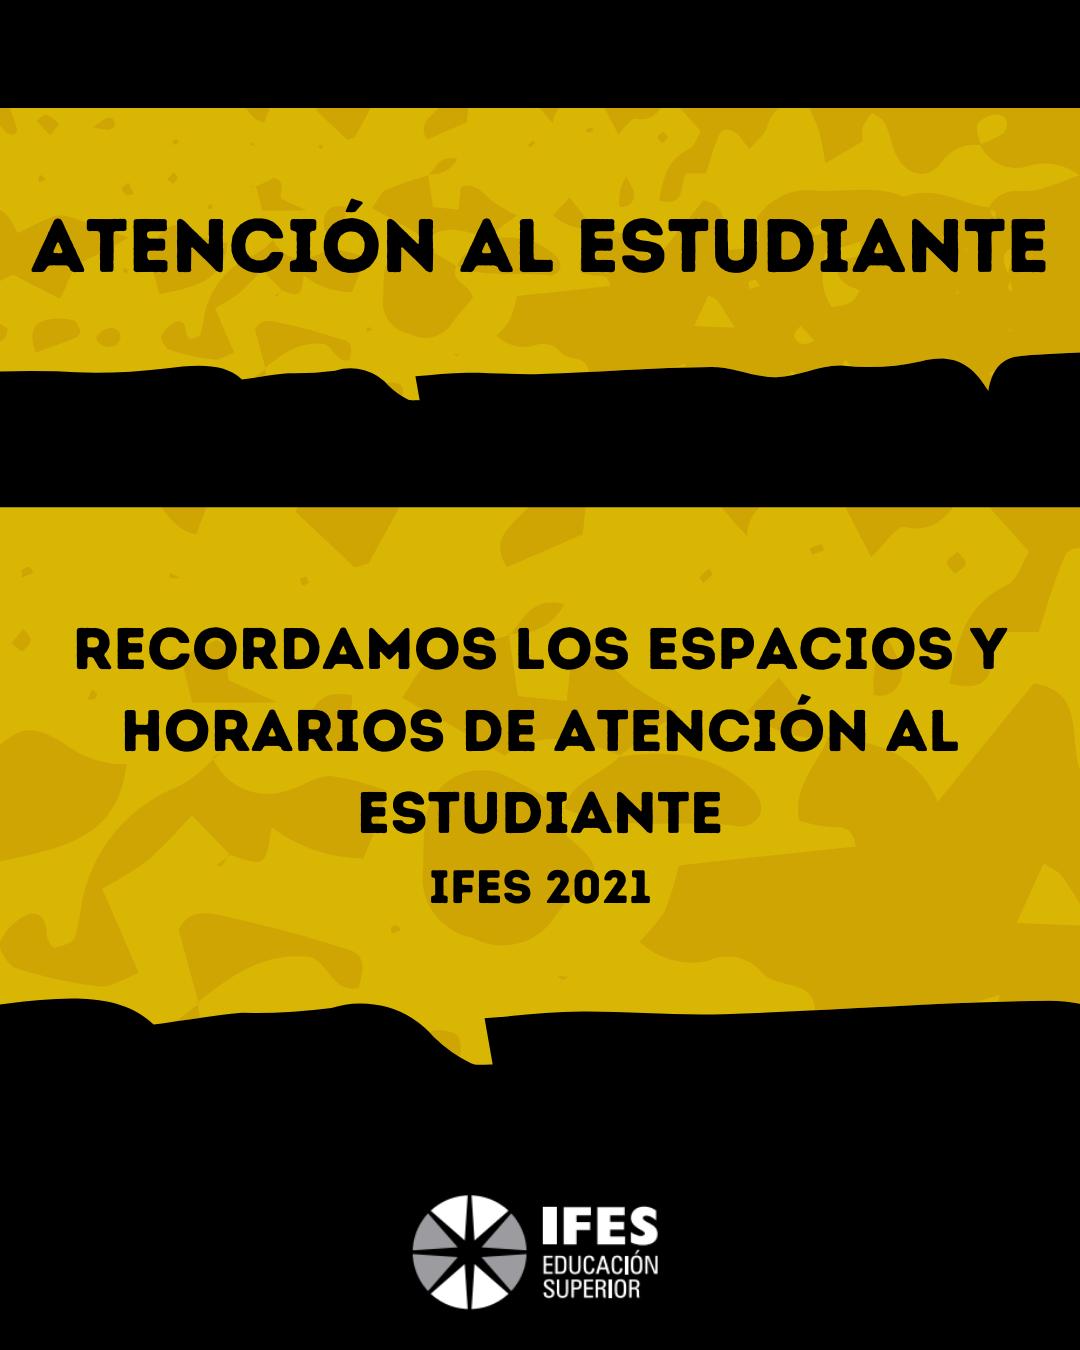 ATENCIÓN AL ESTUDIANTE